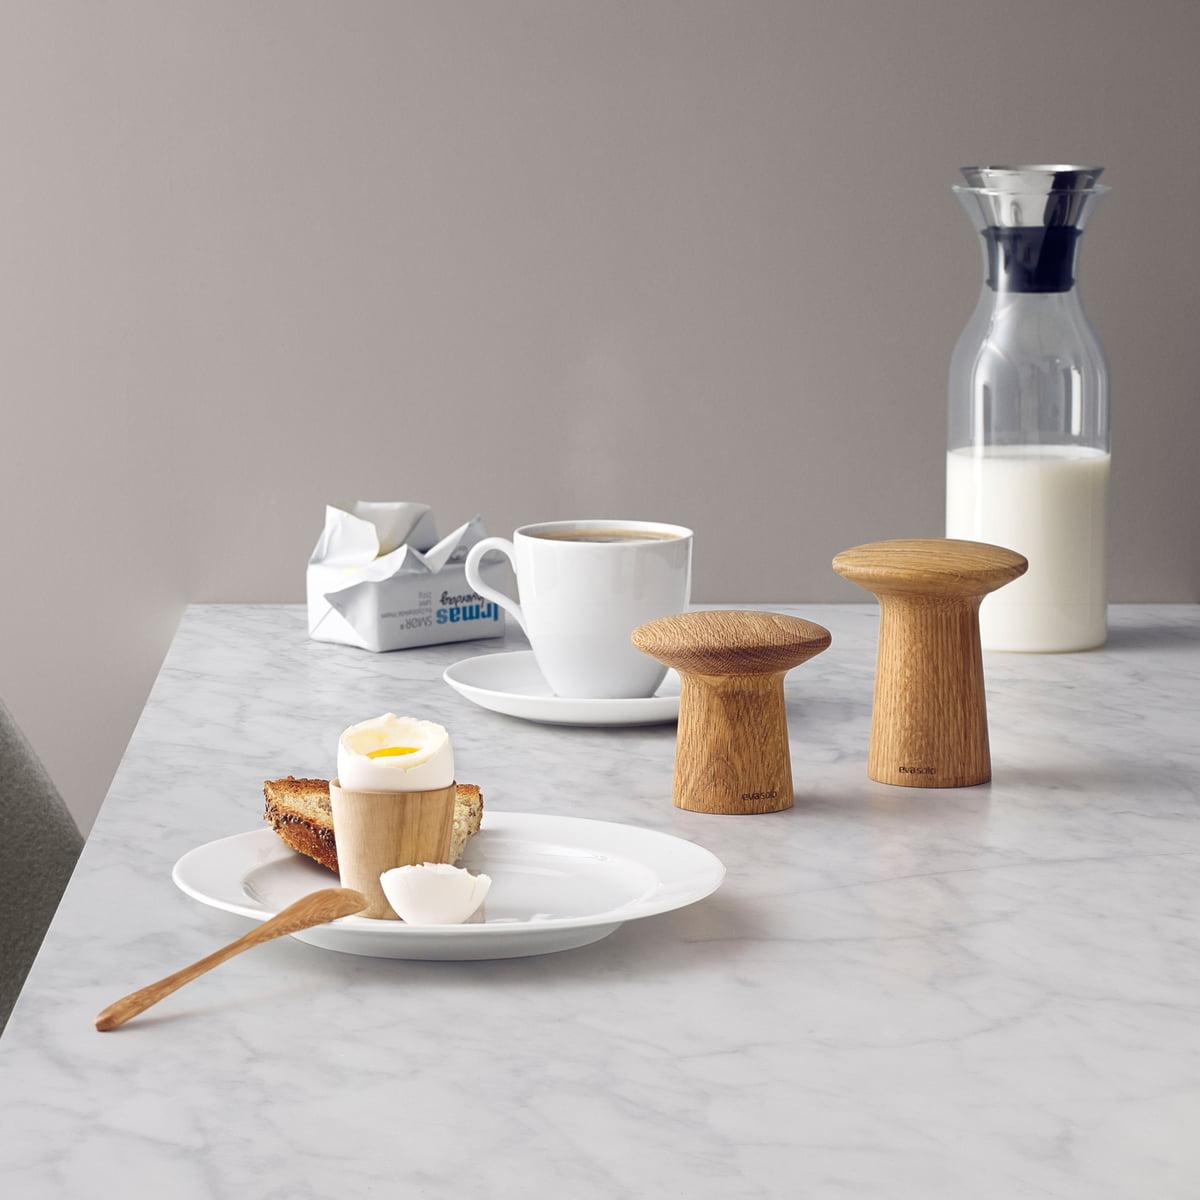 eva solo salt pepper grinder. Black Bedroom Furniture Sets. Home Design Ideas